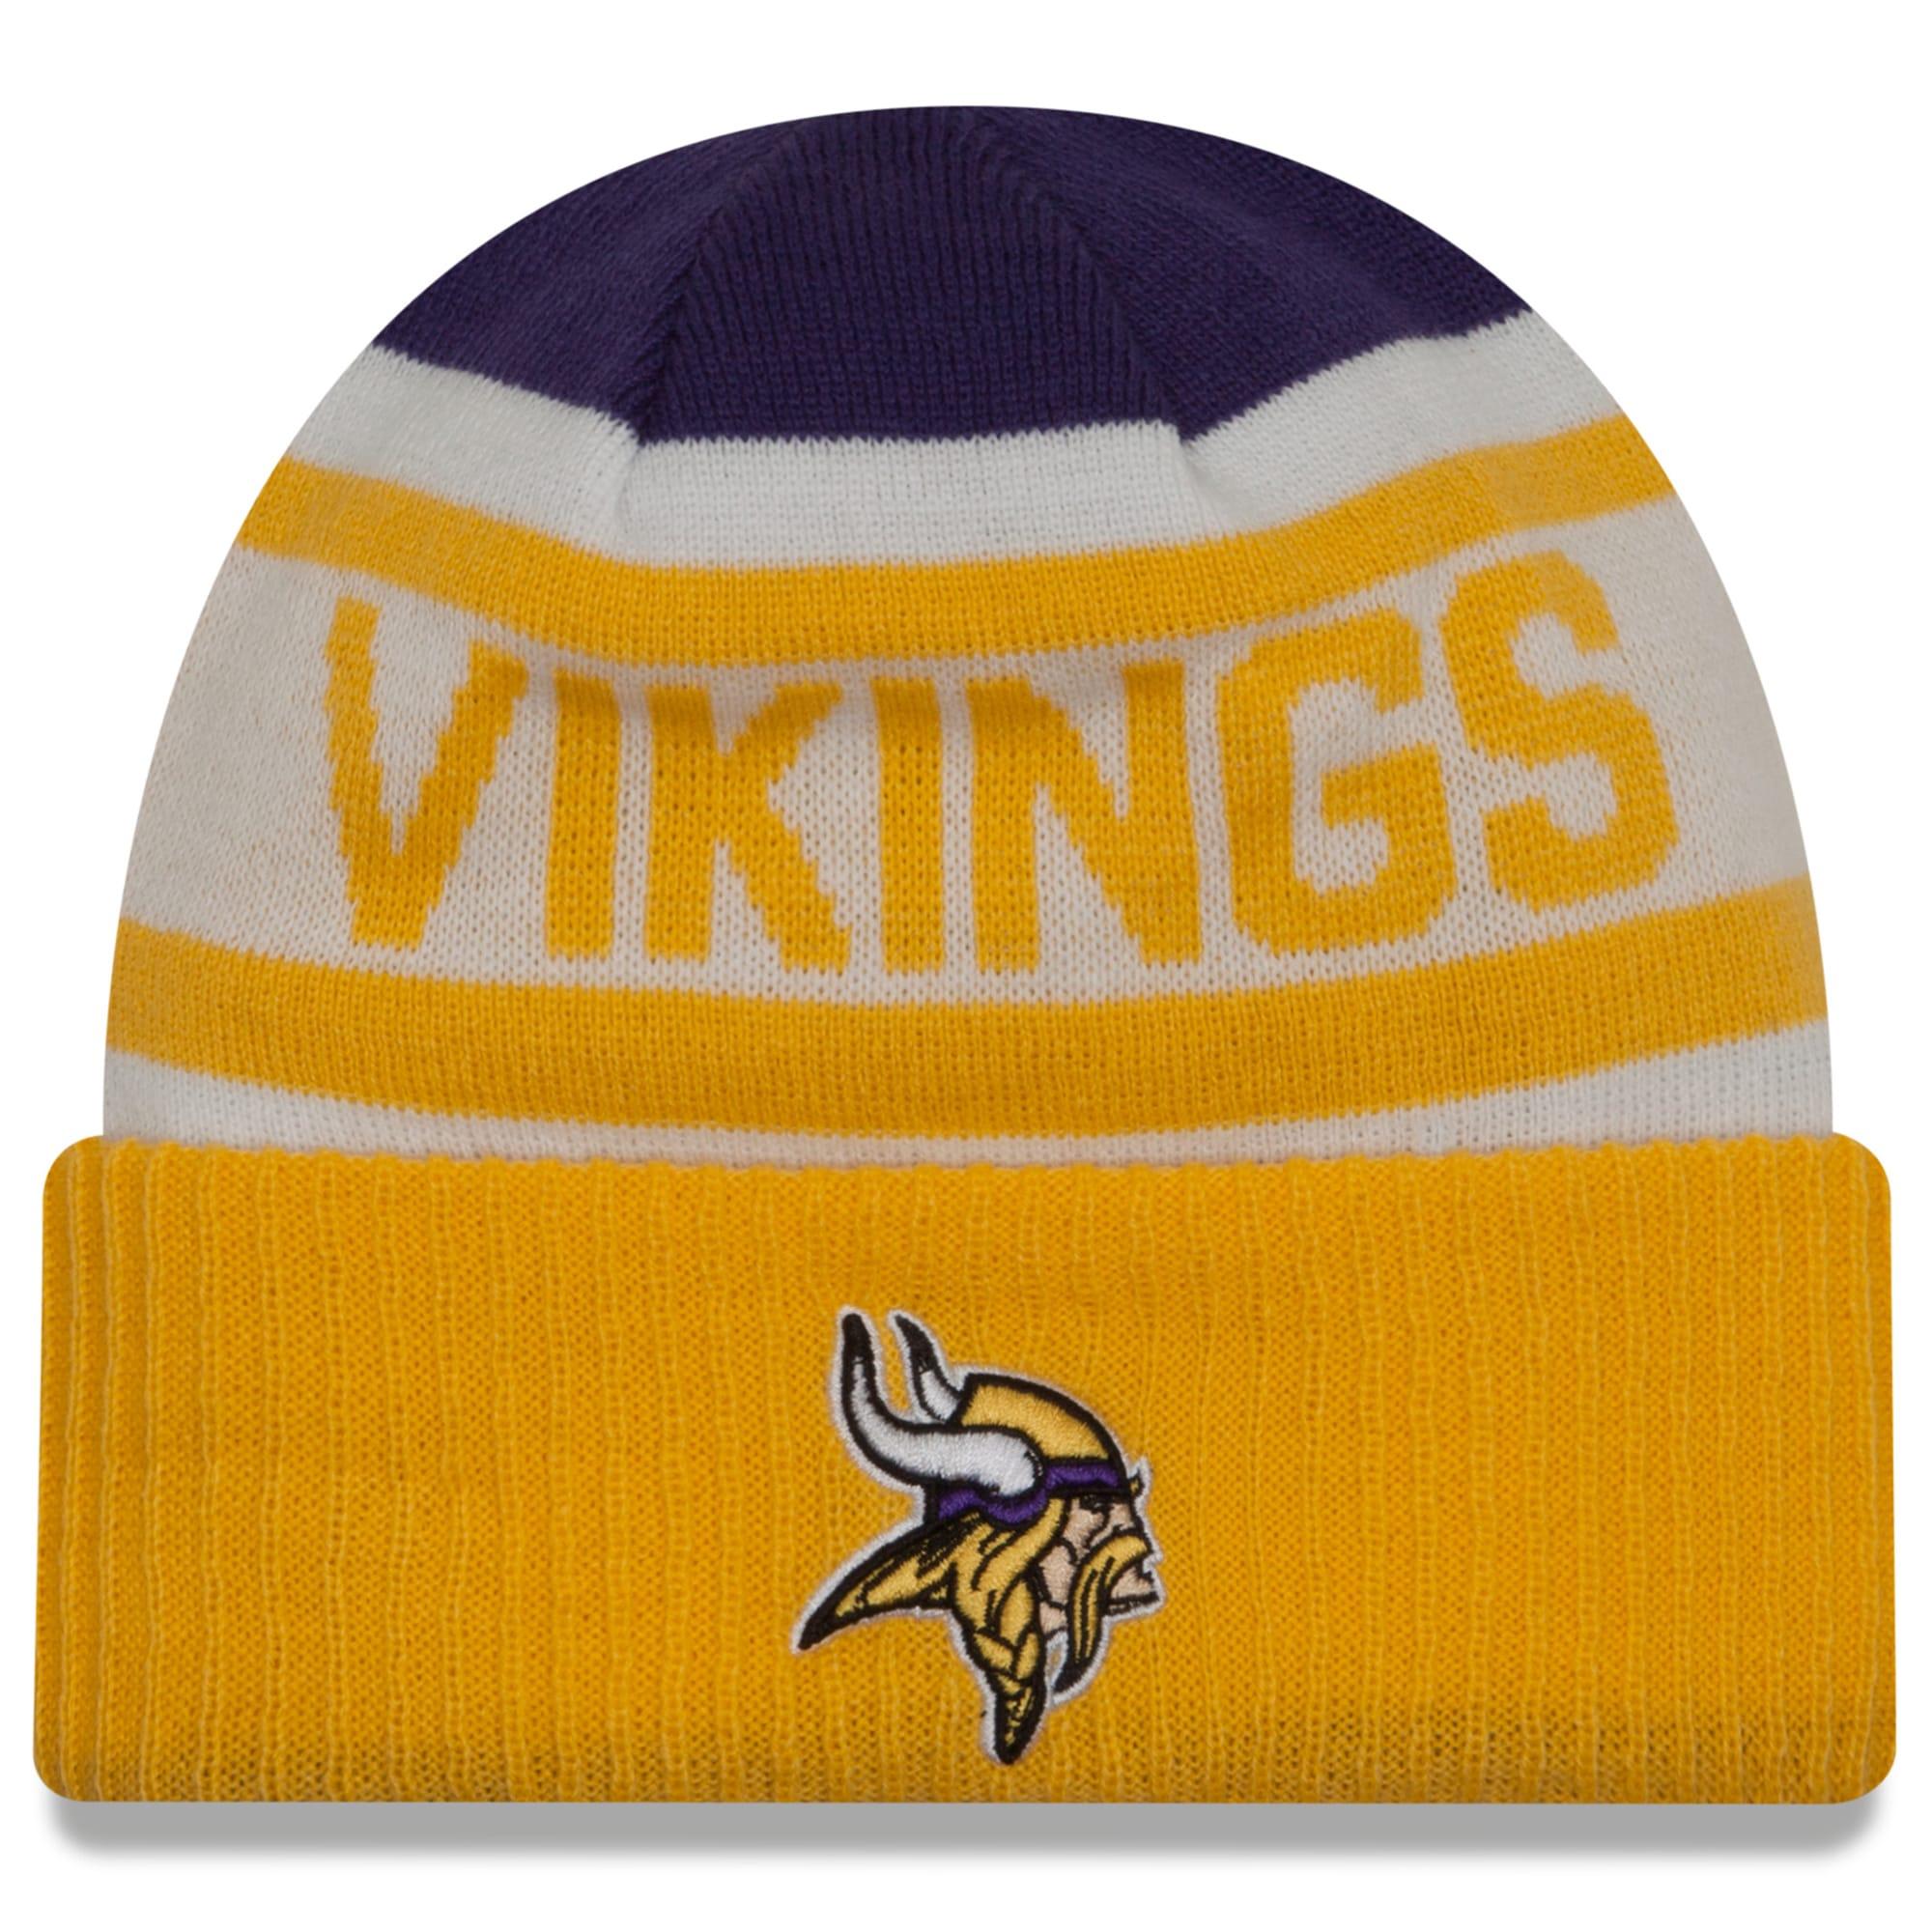 Minnesota Vikings New Era Biggest Fan 2.0 Cuffed Knit Hat - Purple/Gold